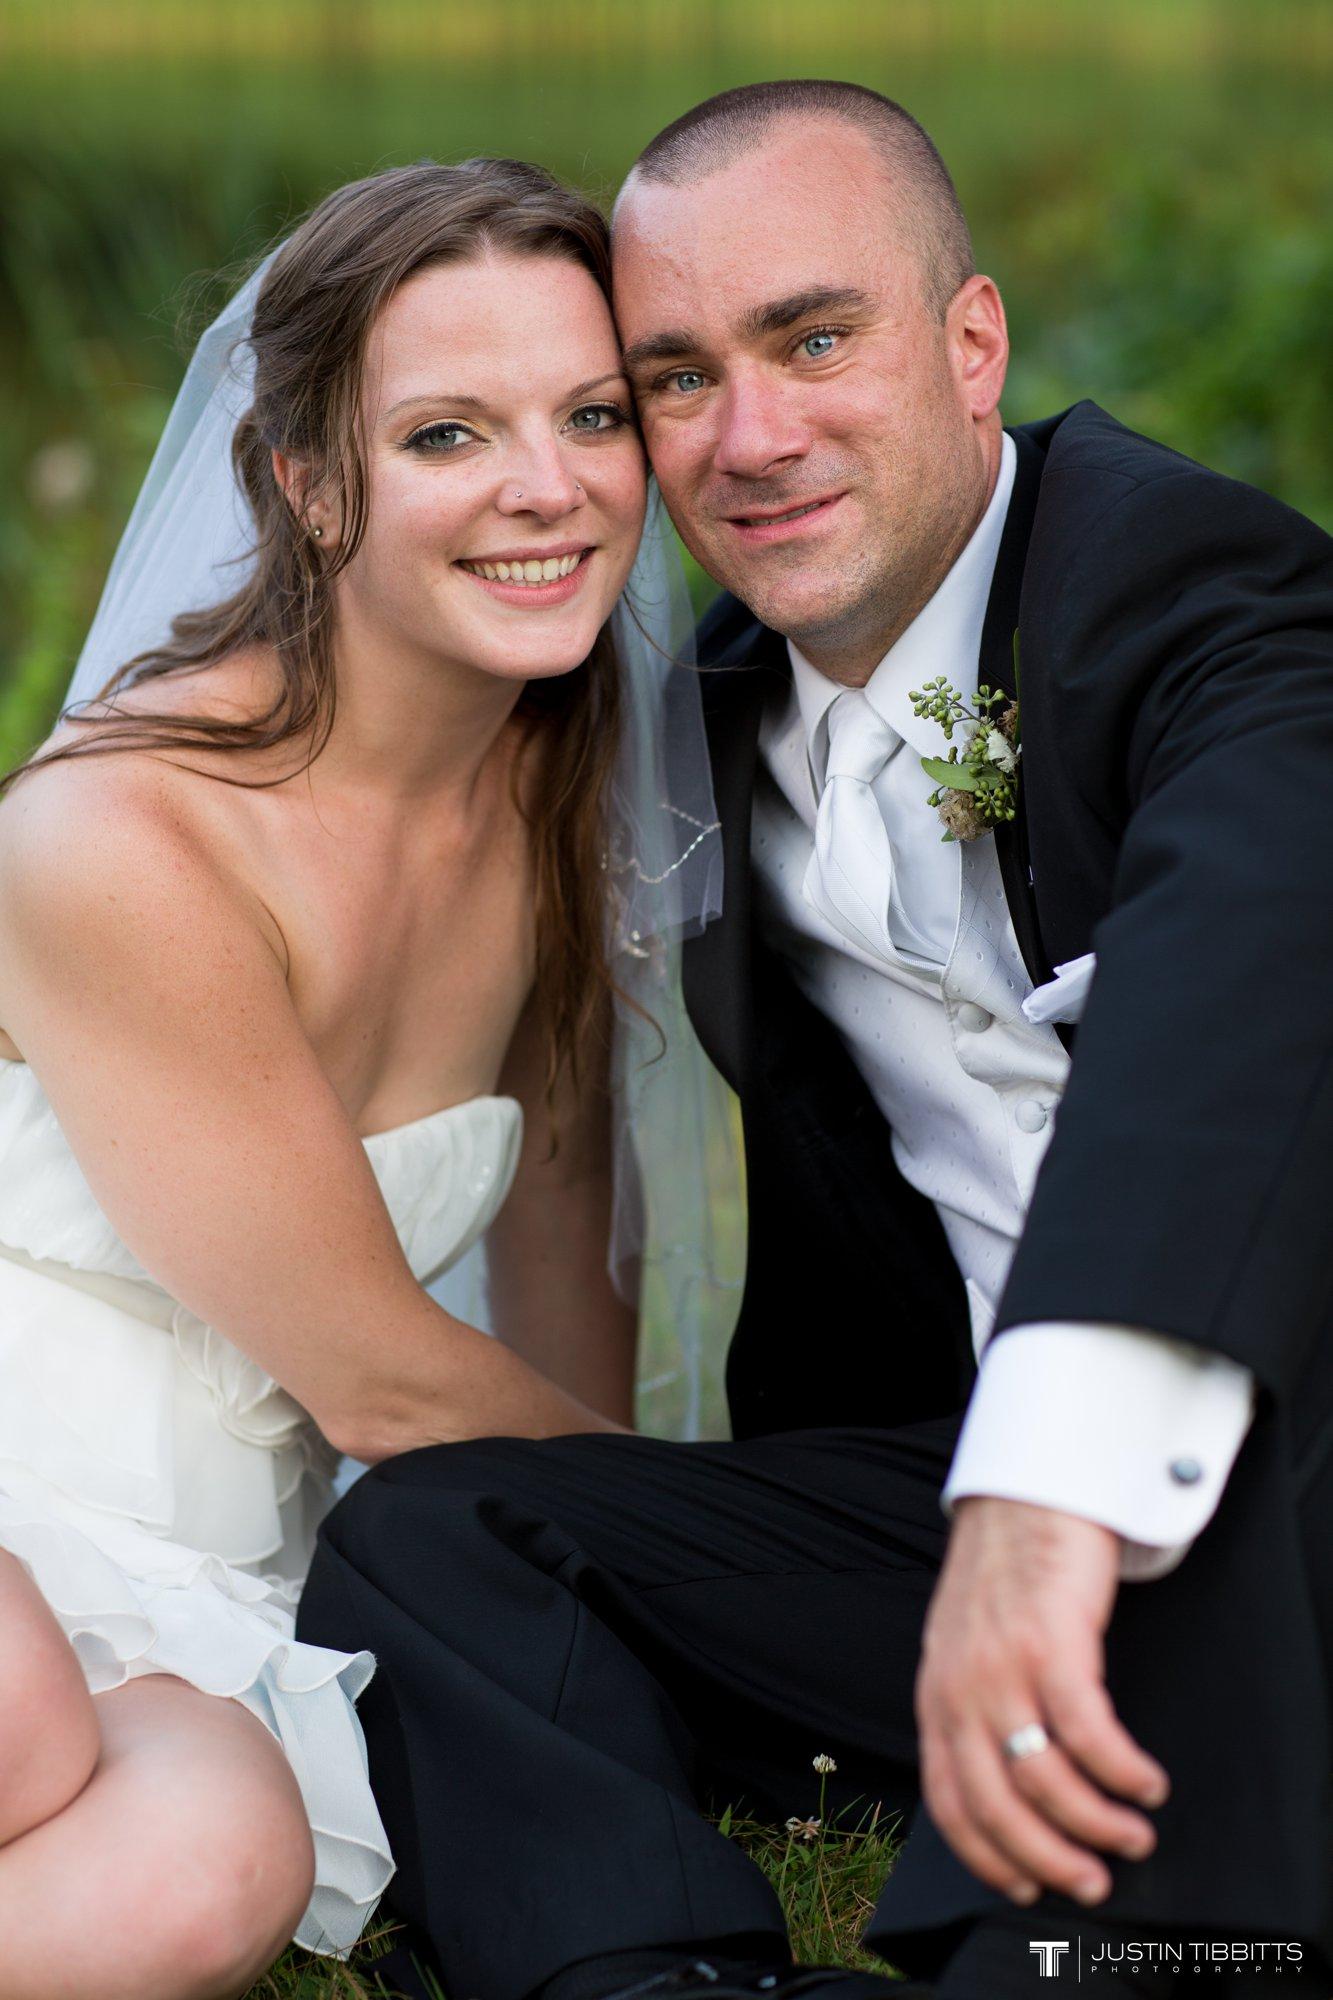 Albany NY Wedding Photographer Justin Tibbitts Photography 2014 Best of Albany NY Weddings-428153